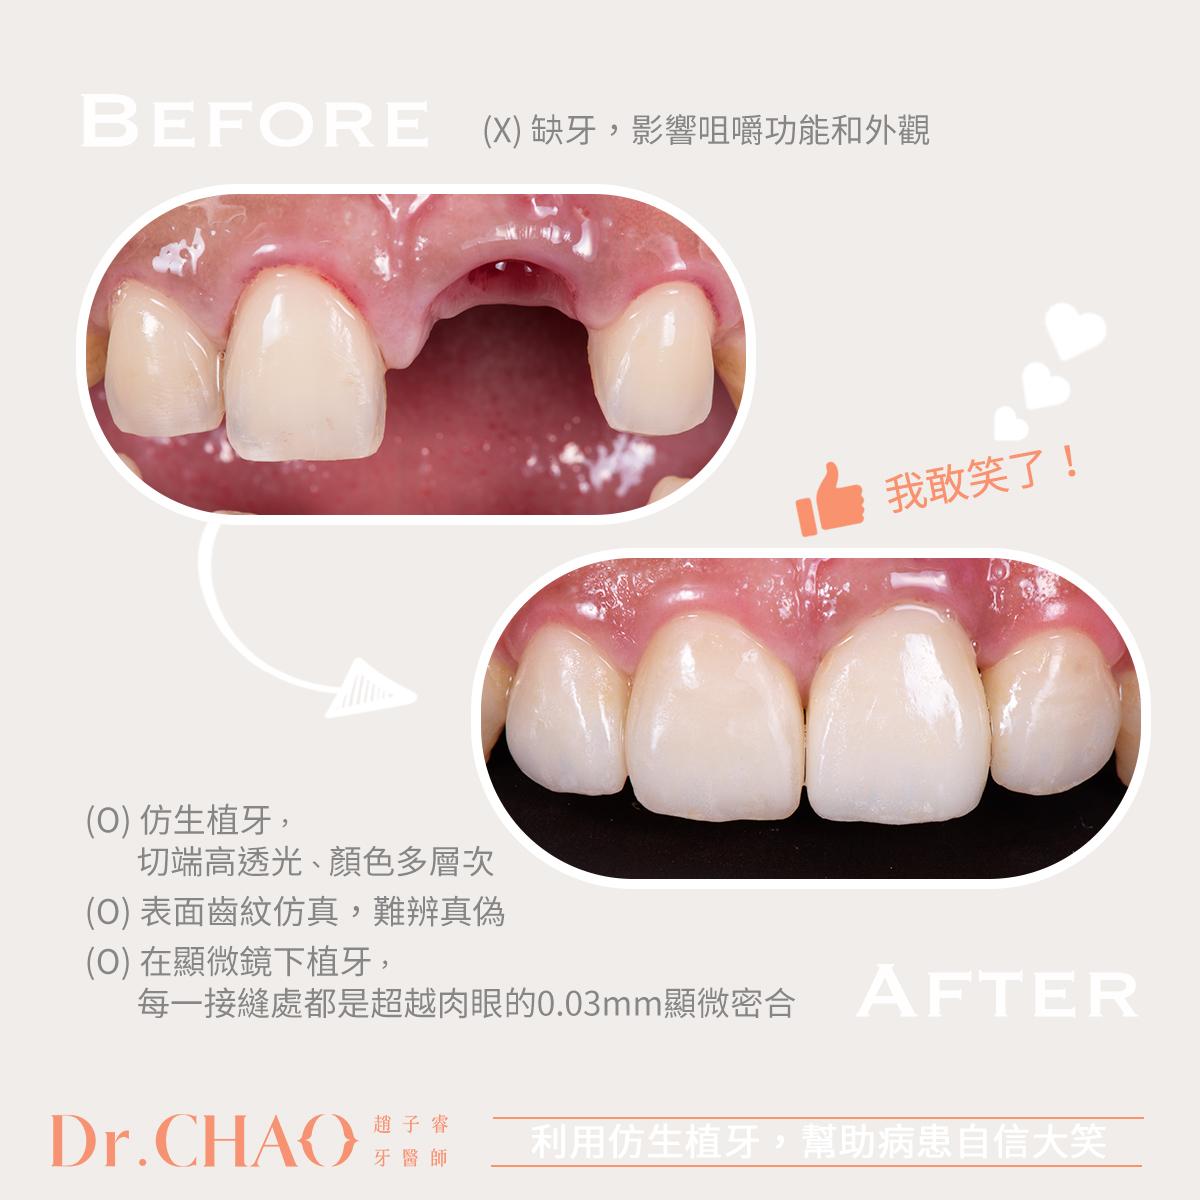 趙子睿醫師,利用仿生植牙來修復缺牙,幫助病患恢復自信、敢開口笑了